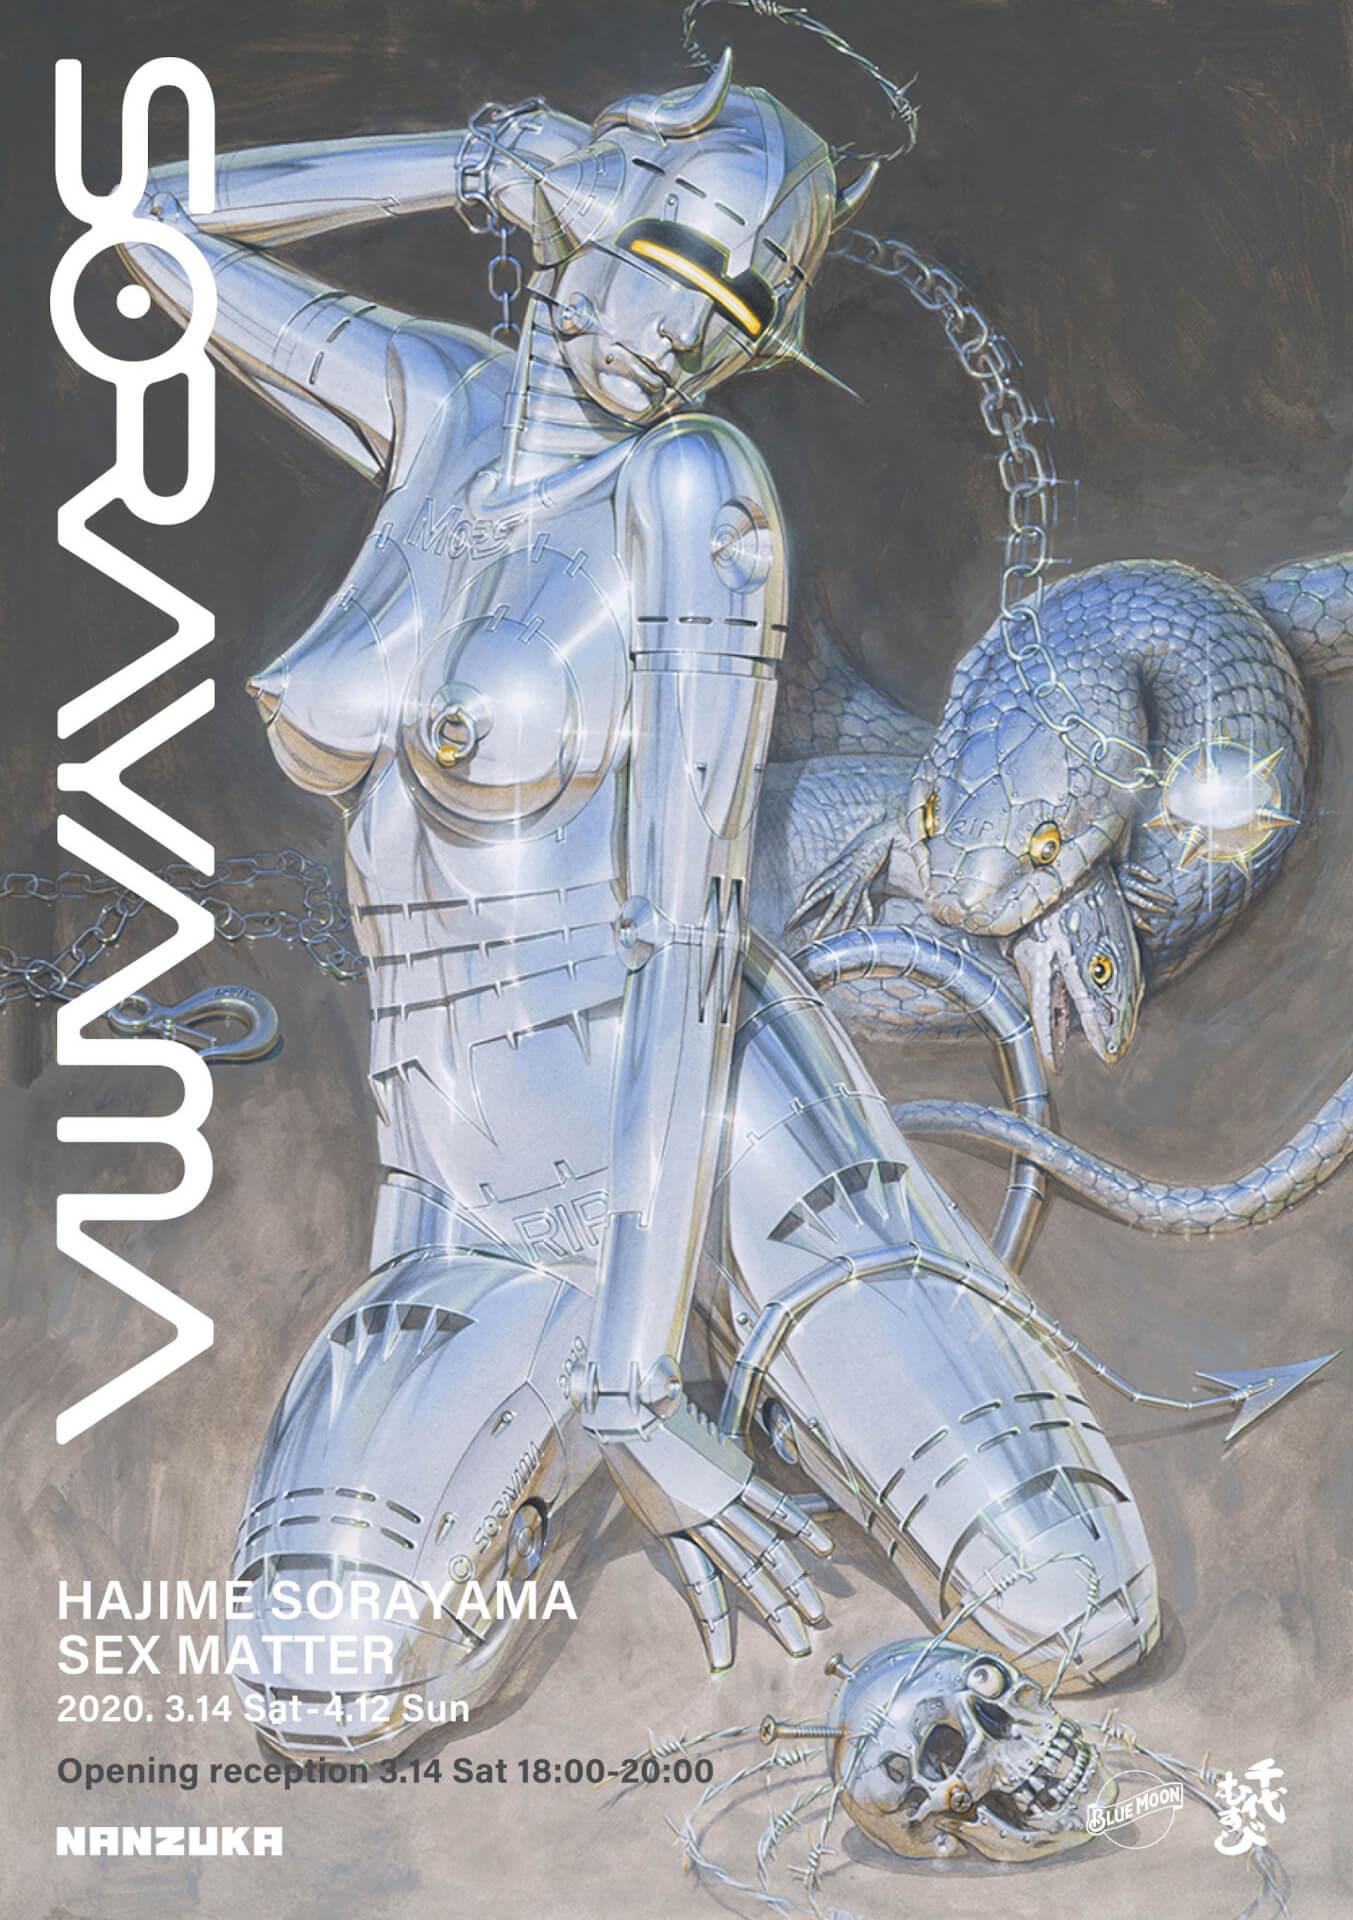 XLARGEから、空山基の個展<SEX MATTER>とコラボレーションしたアパレルアイテムがリリース! ac200317_sorayama_20